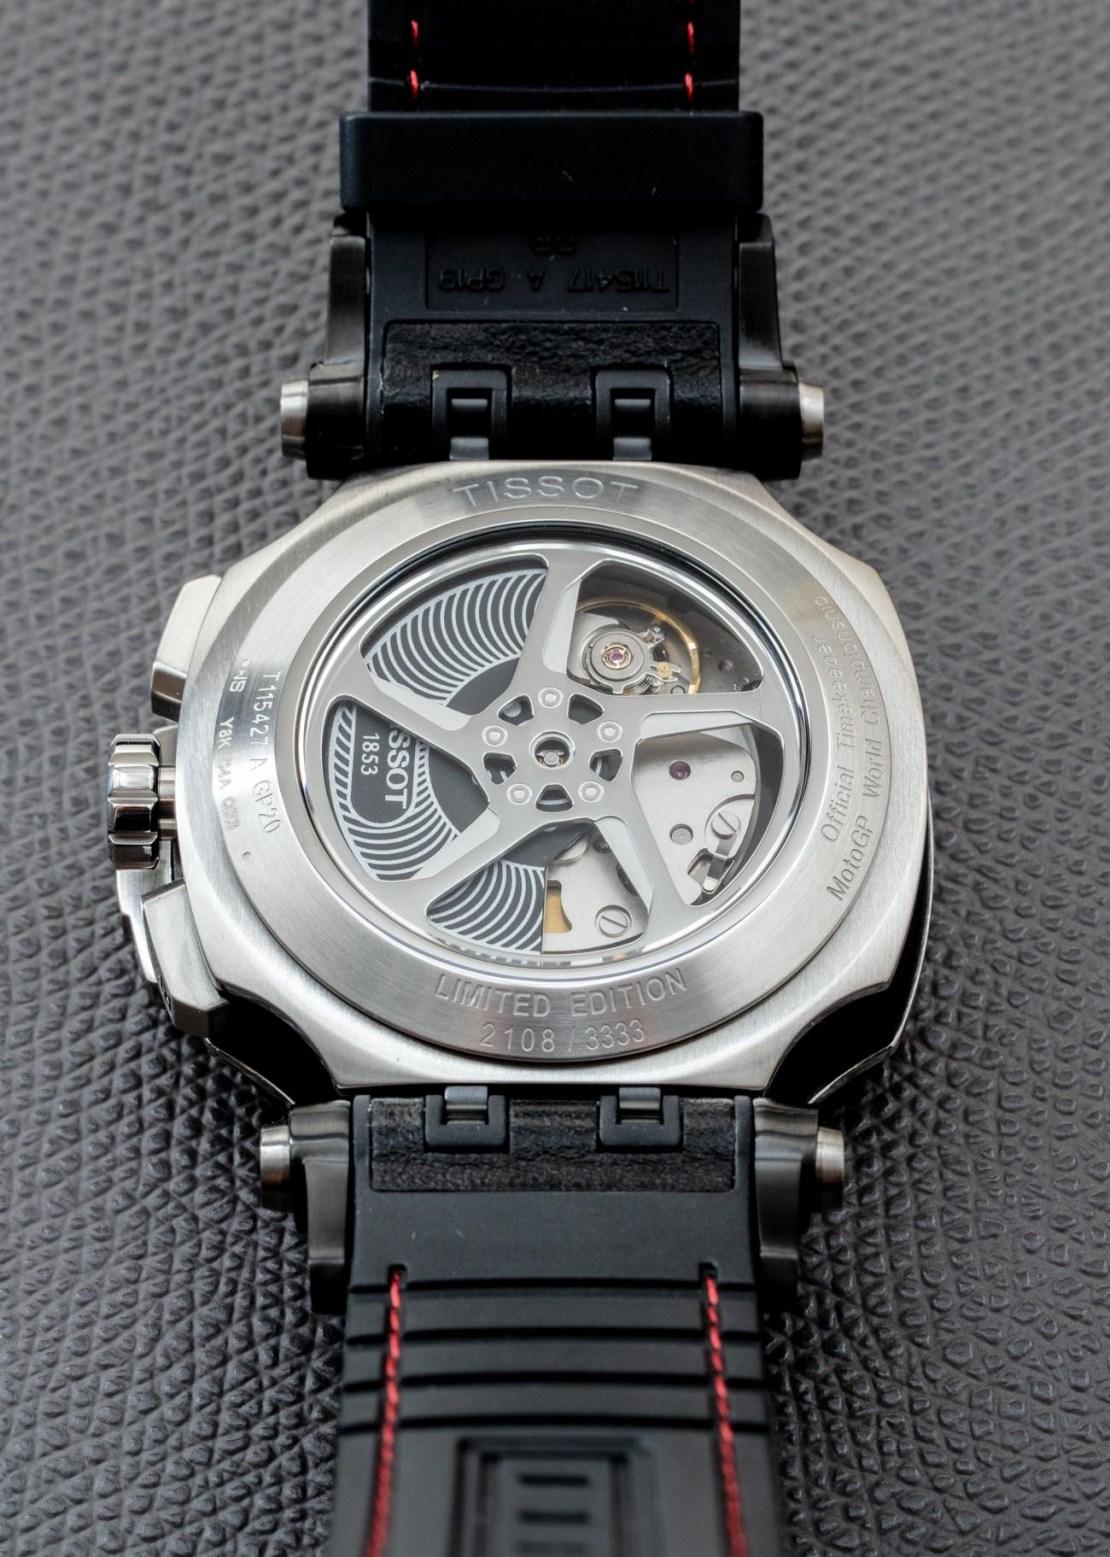 Tissot T-Race MotoGP 2020 Automatic Chronograph Watch Review Wrist Time Reviews